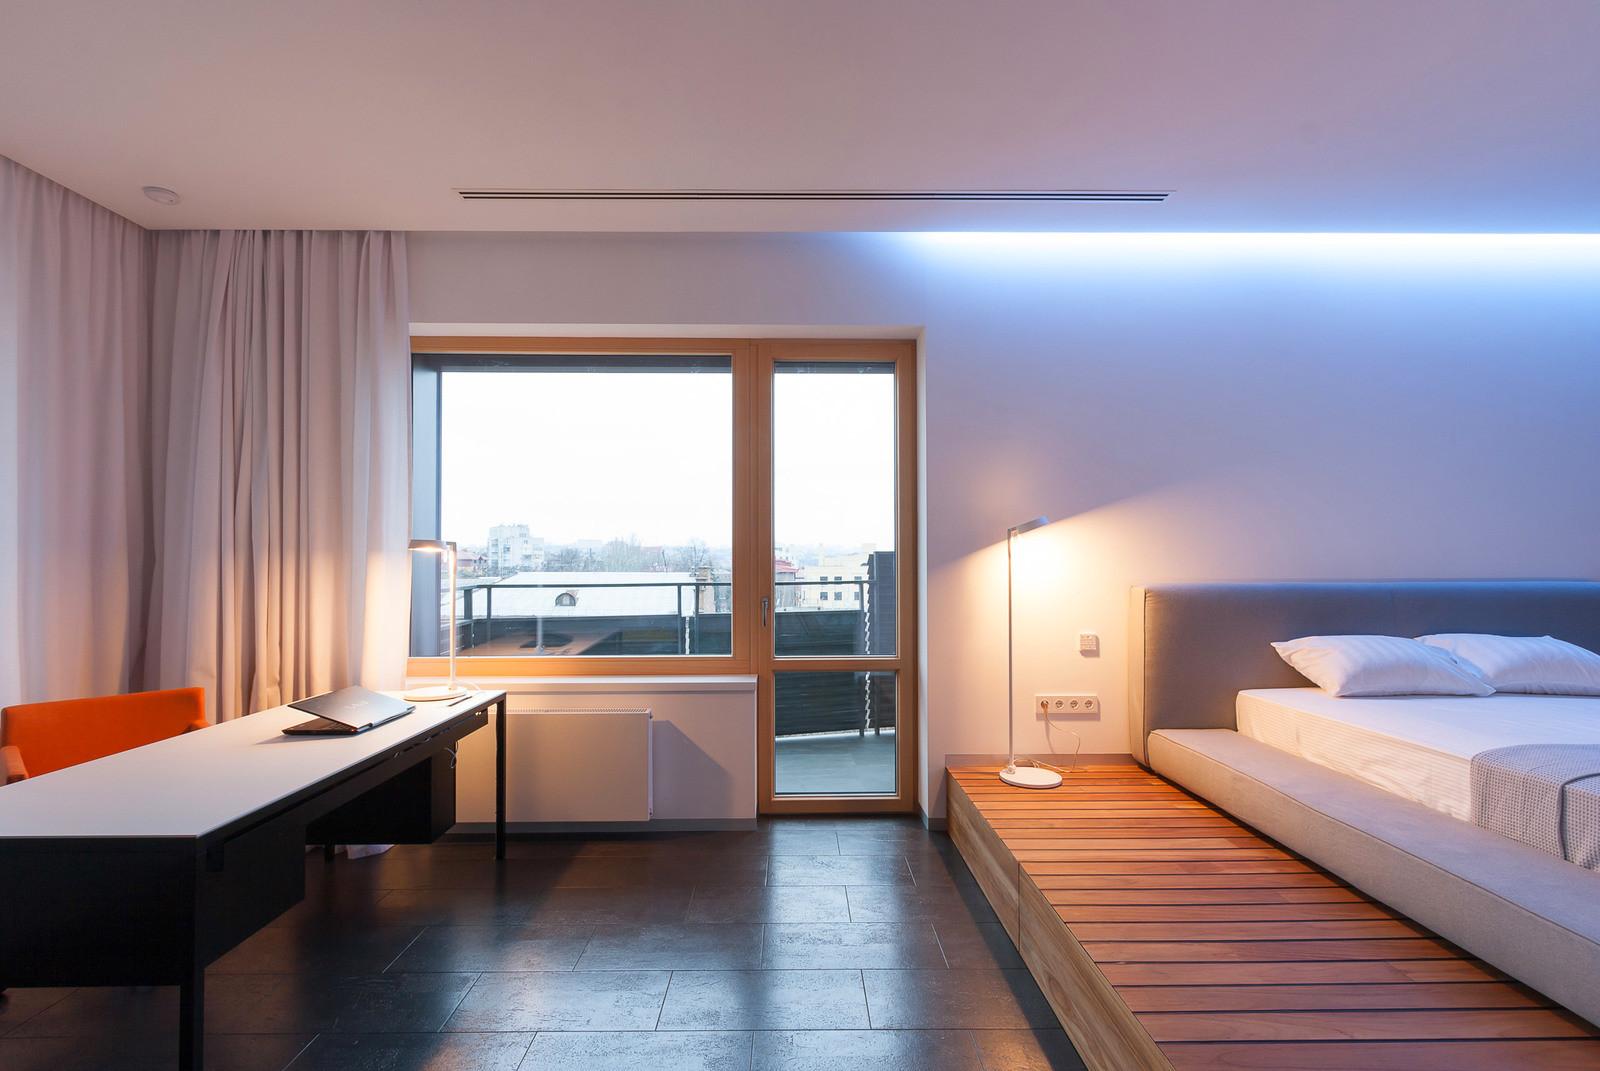 Кровать подиум с полом разного уровня